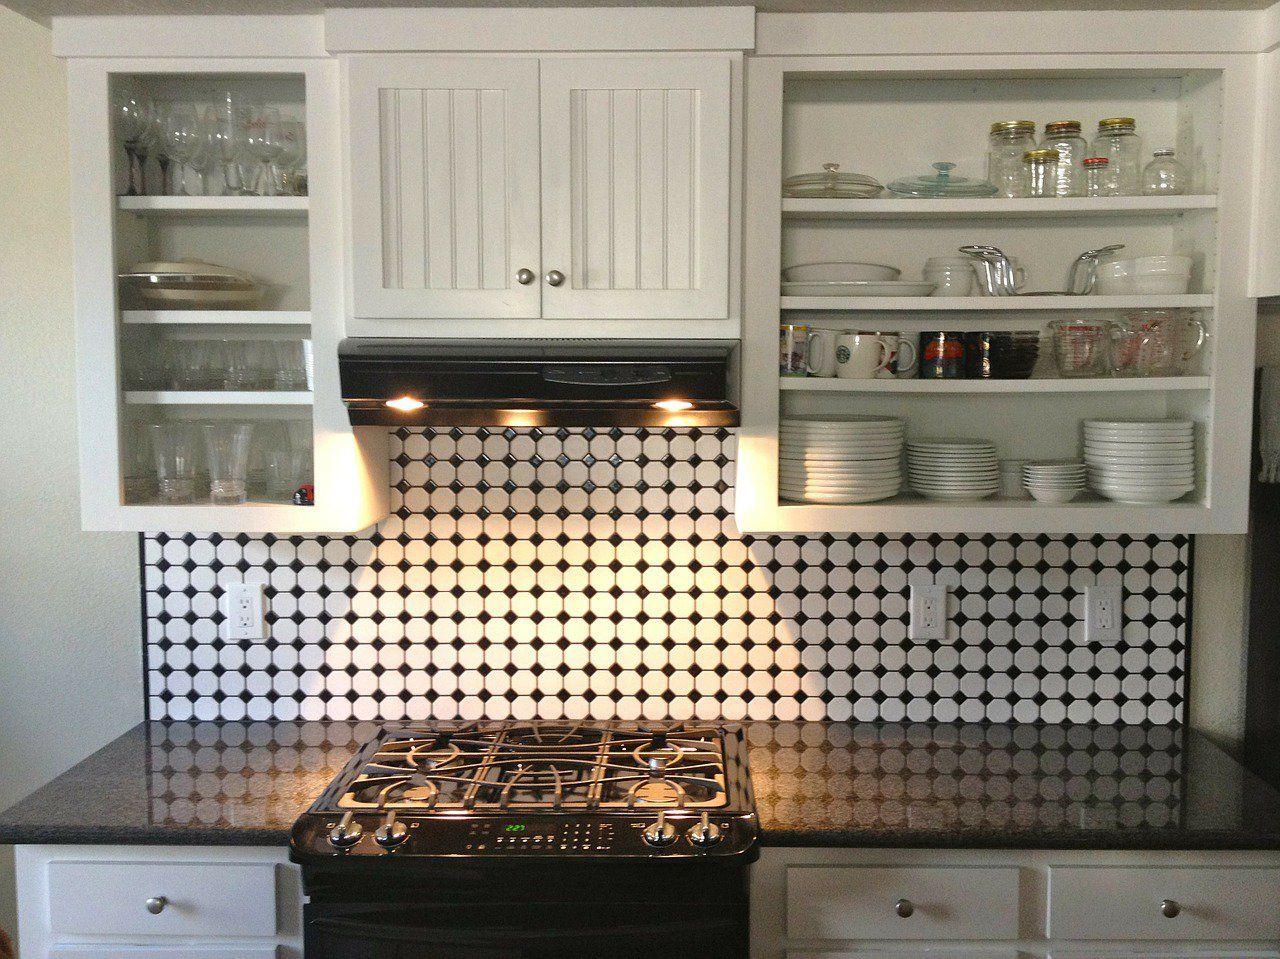 Cómo transformar cocinas pequeñas con pintura para azulejos | Cocina ...